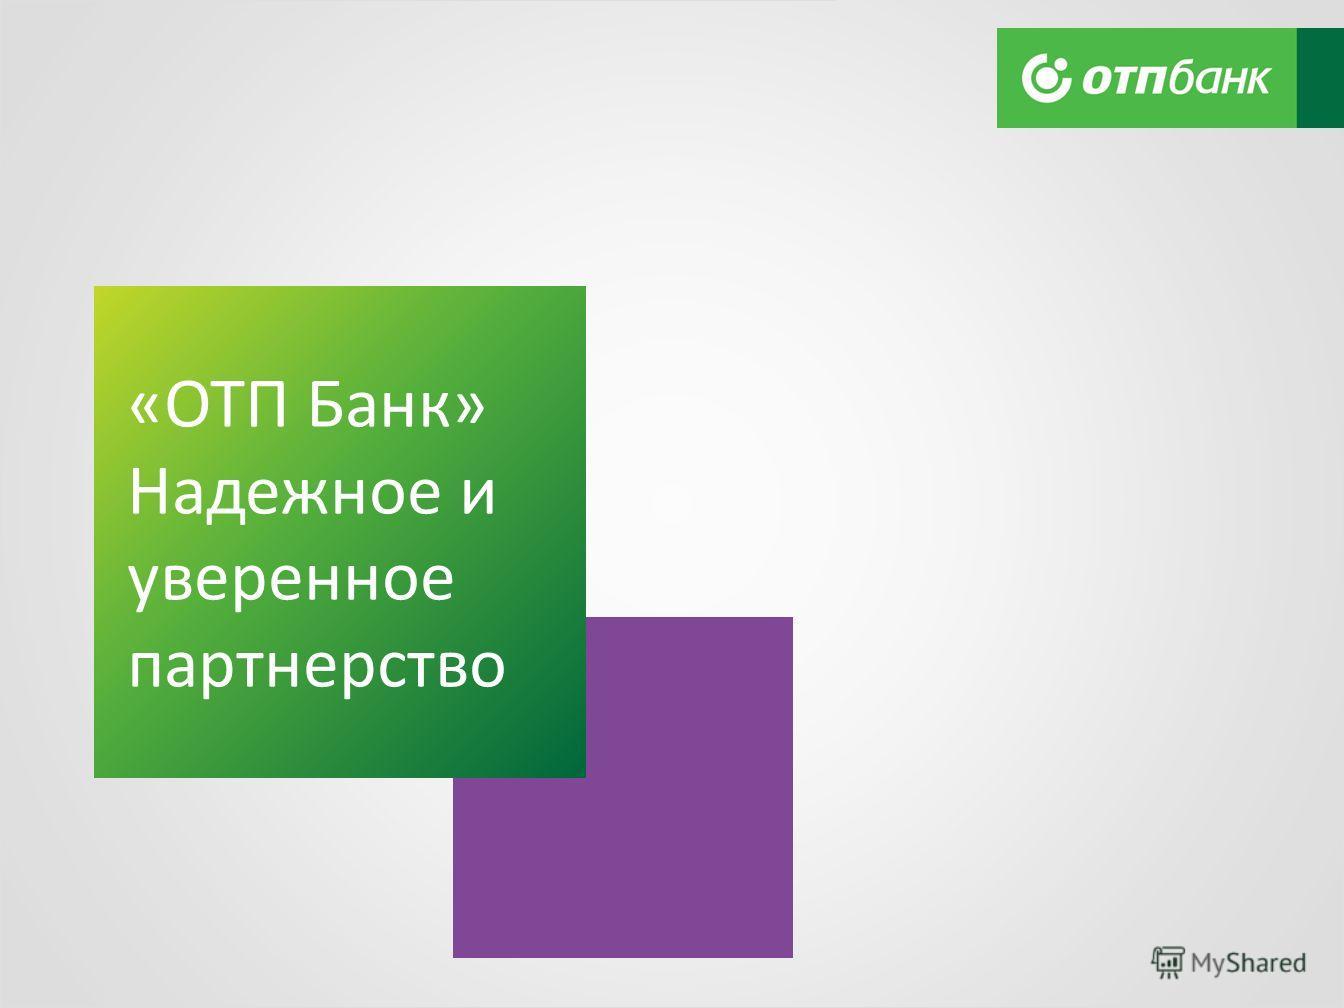 «ОТП Банк» Надежное и уверенное партнерство